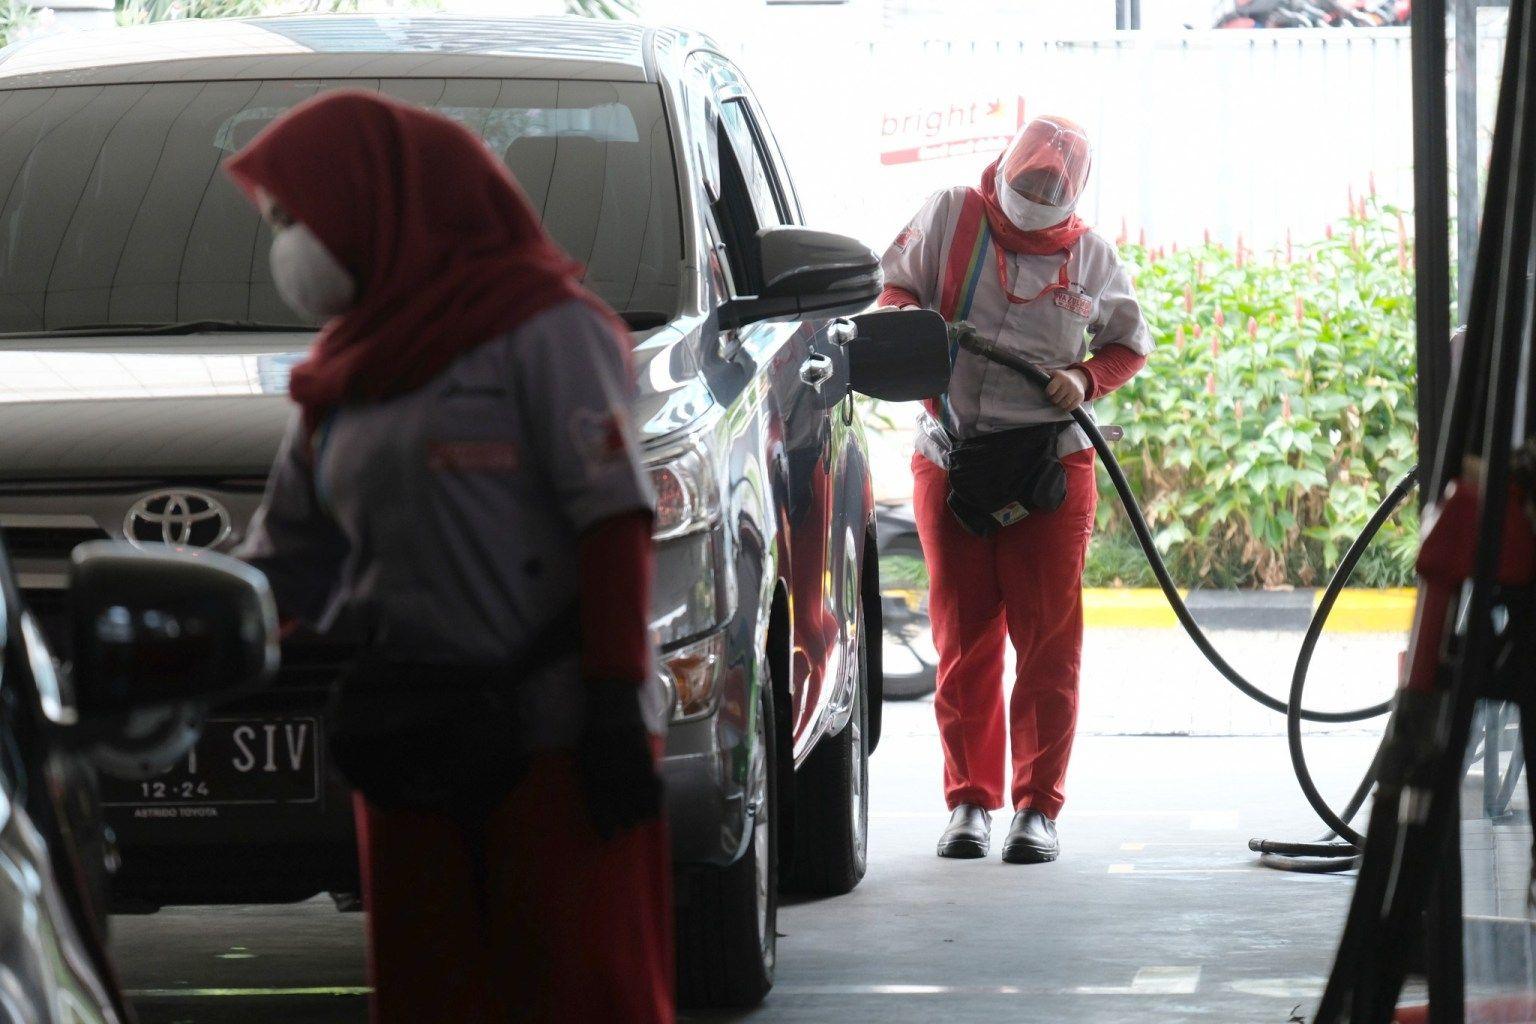 Penyaluran Biodiesel Semester I-2021 Capai 4,3 Juta kL